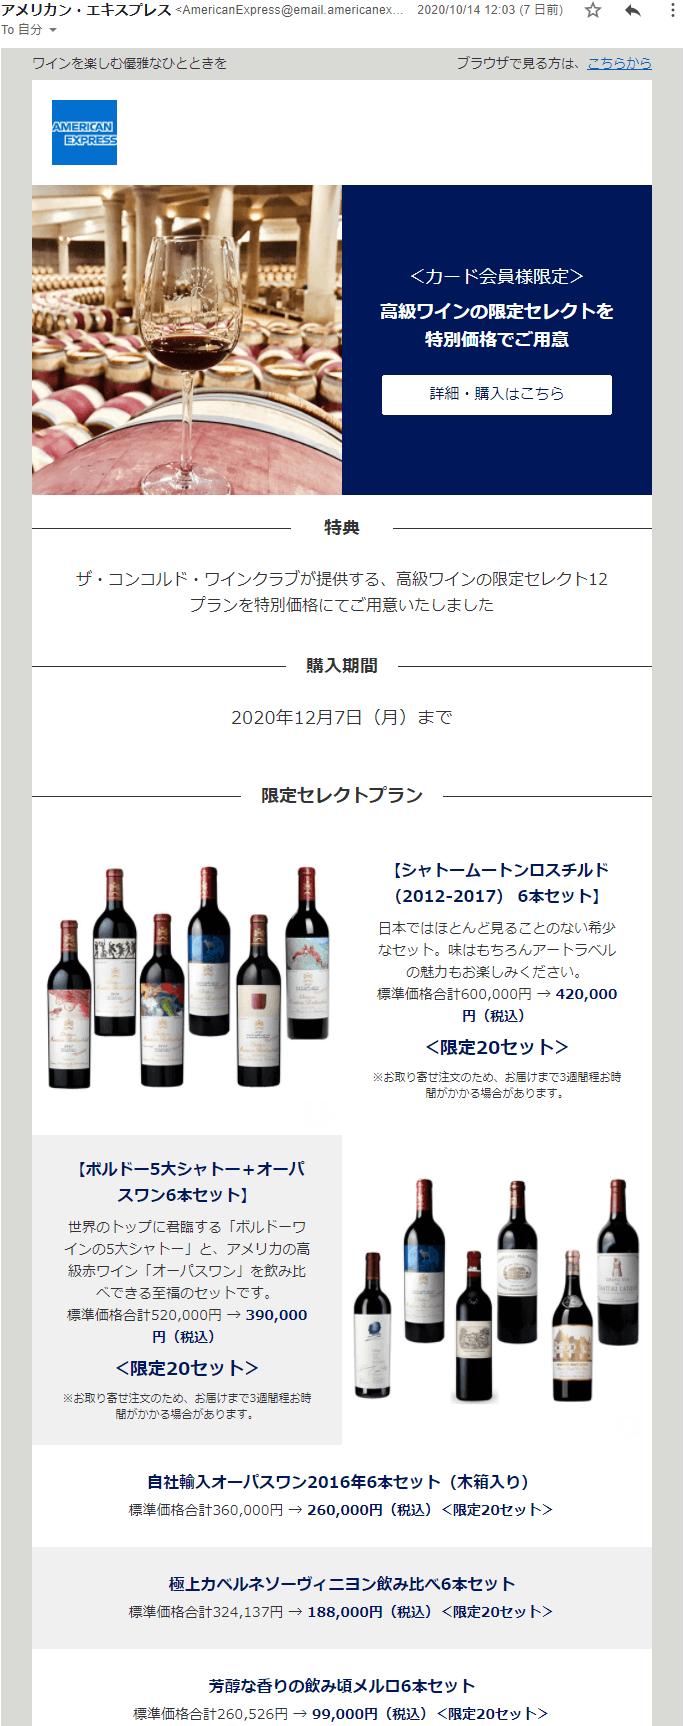 アメックス 会員限定でザ・コンコルド・ワインクラブの限定セレクトが特別価格